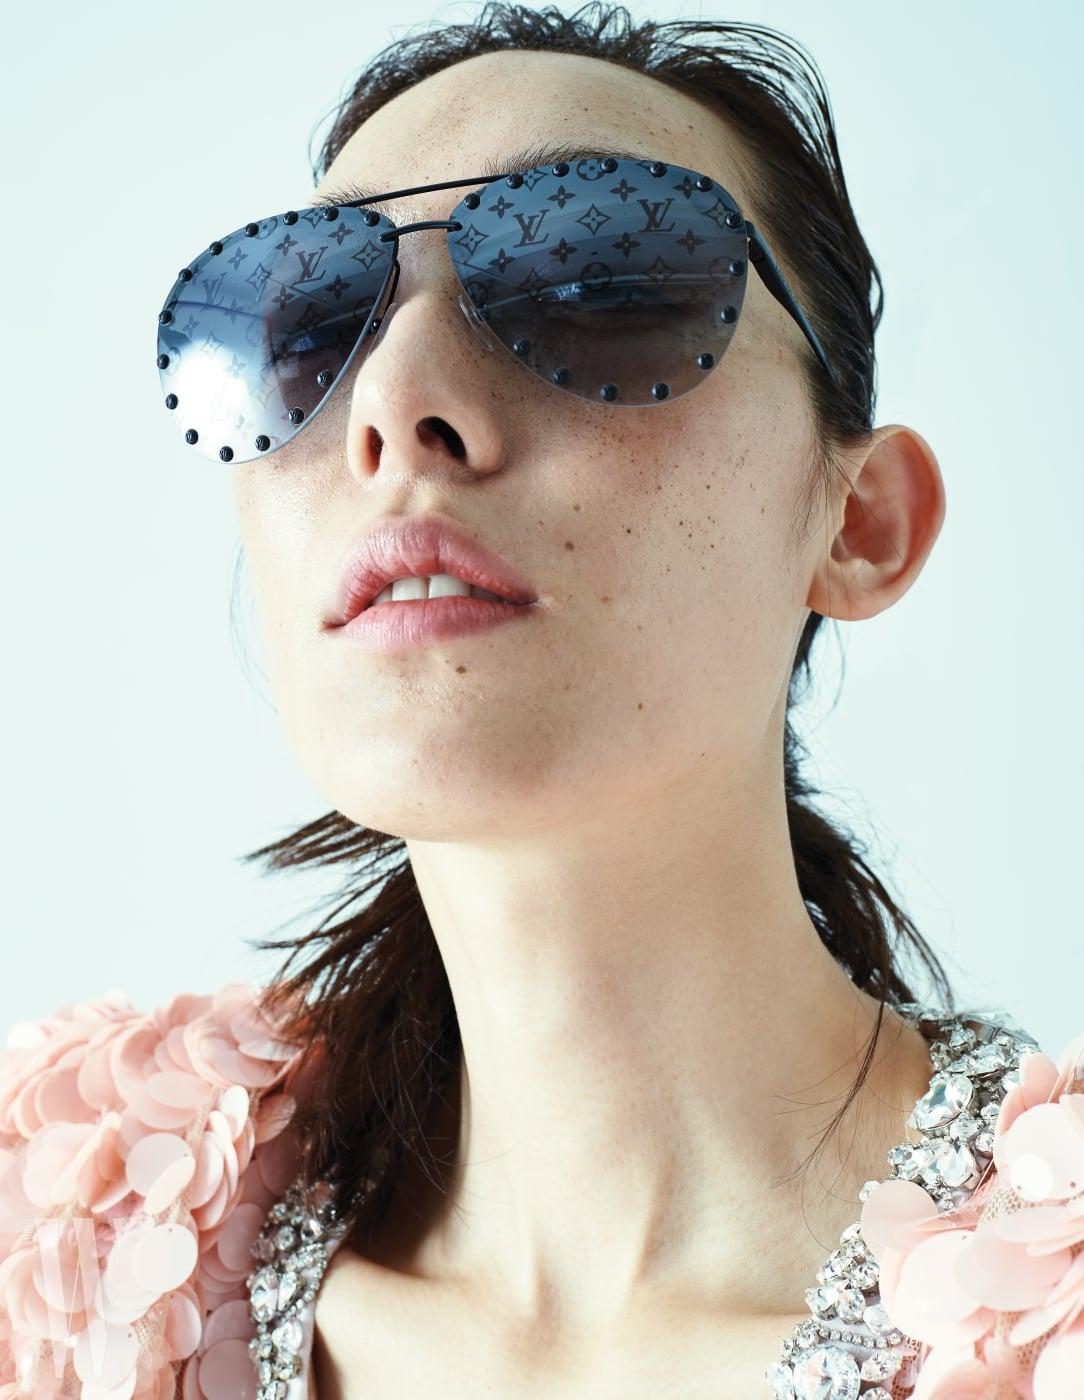 로고가 반복적으로 그려진 선글라스는 루이 비통 제품. 가격 미정. 스팽글 드레스는 미우미우 제품. 가격 미정.